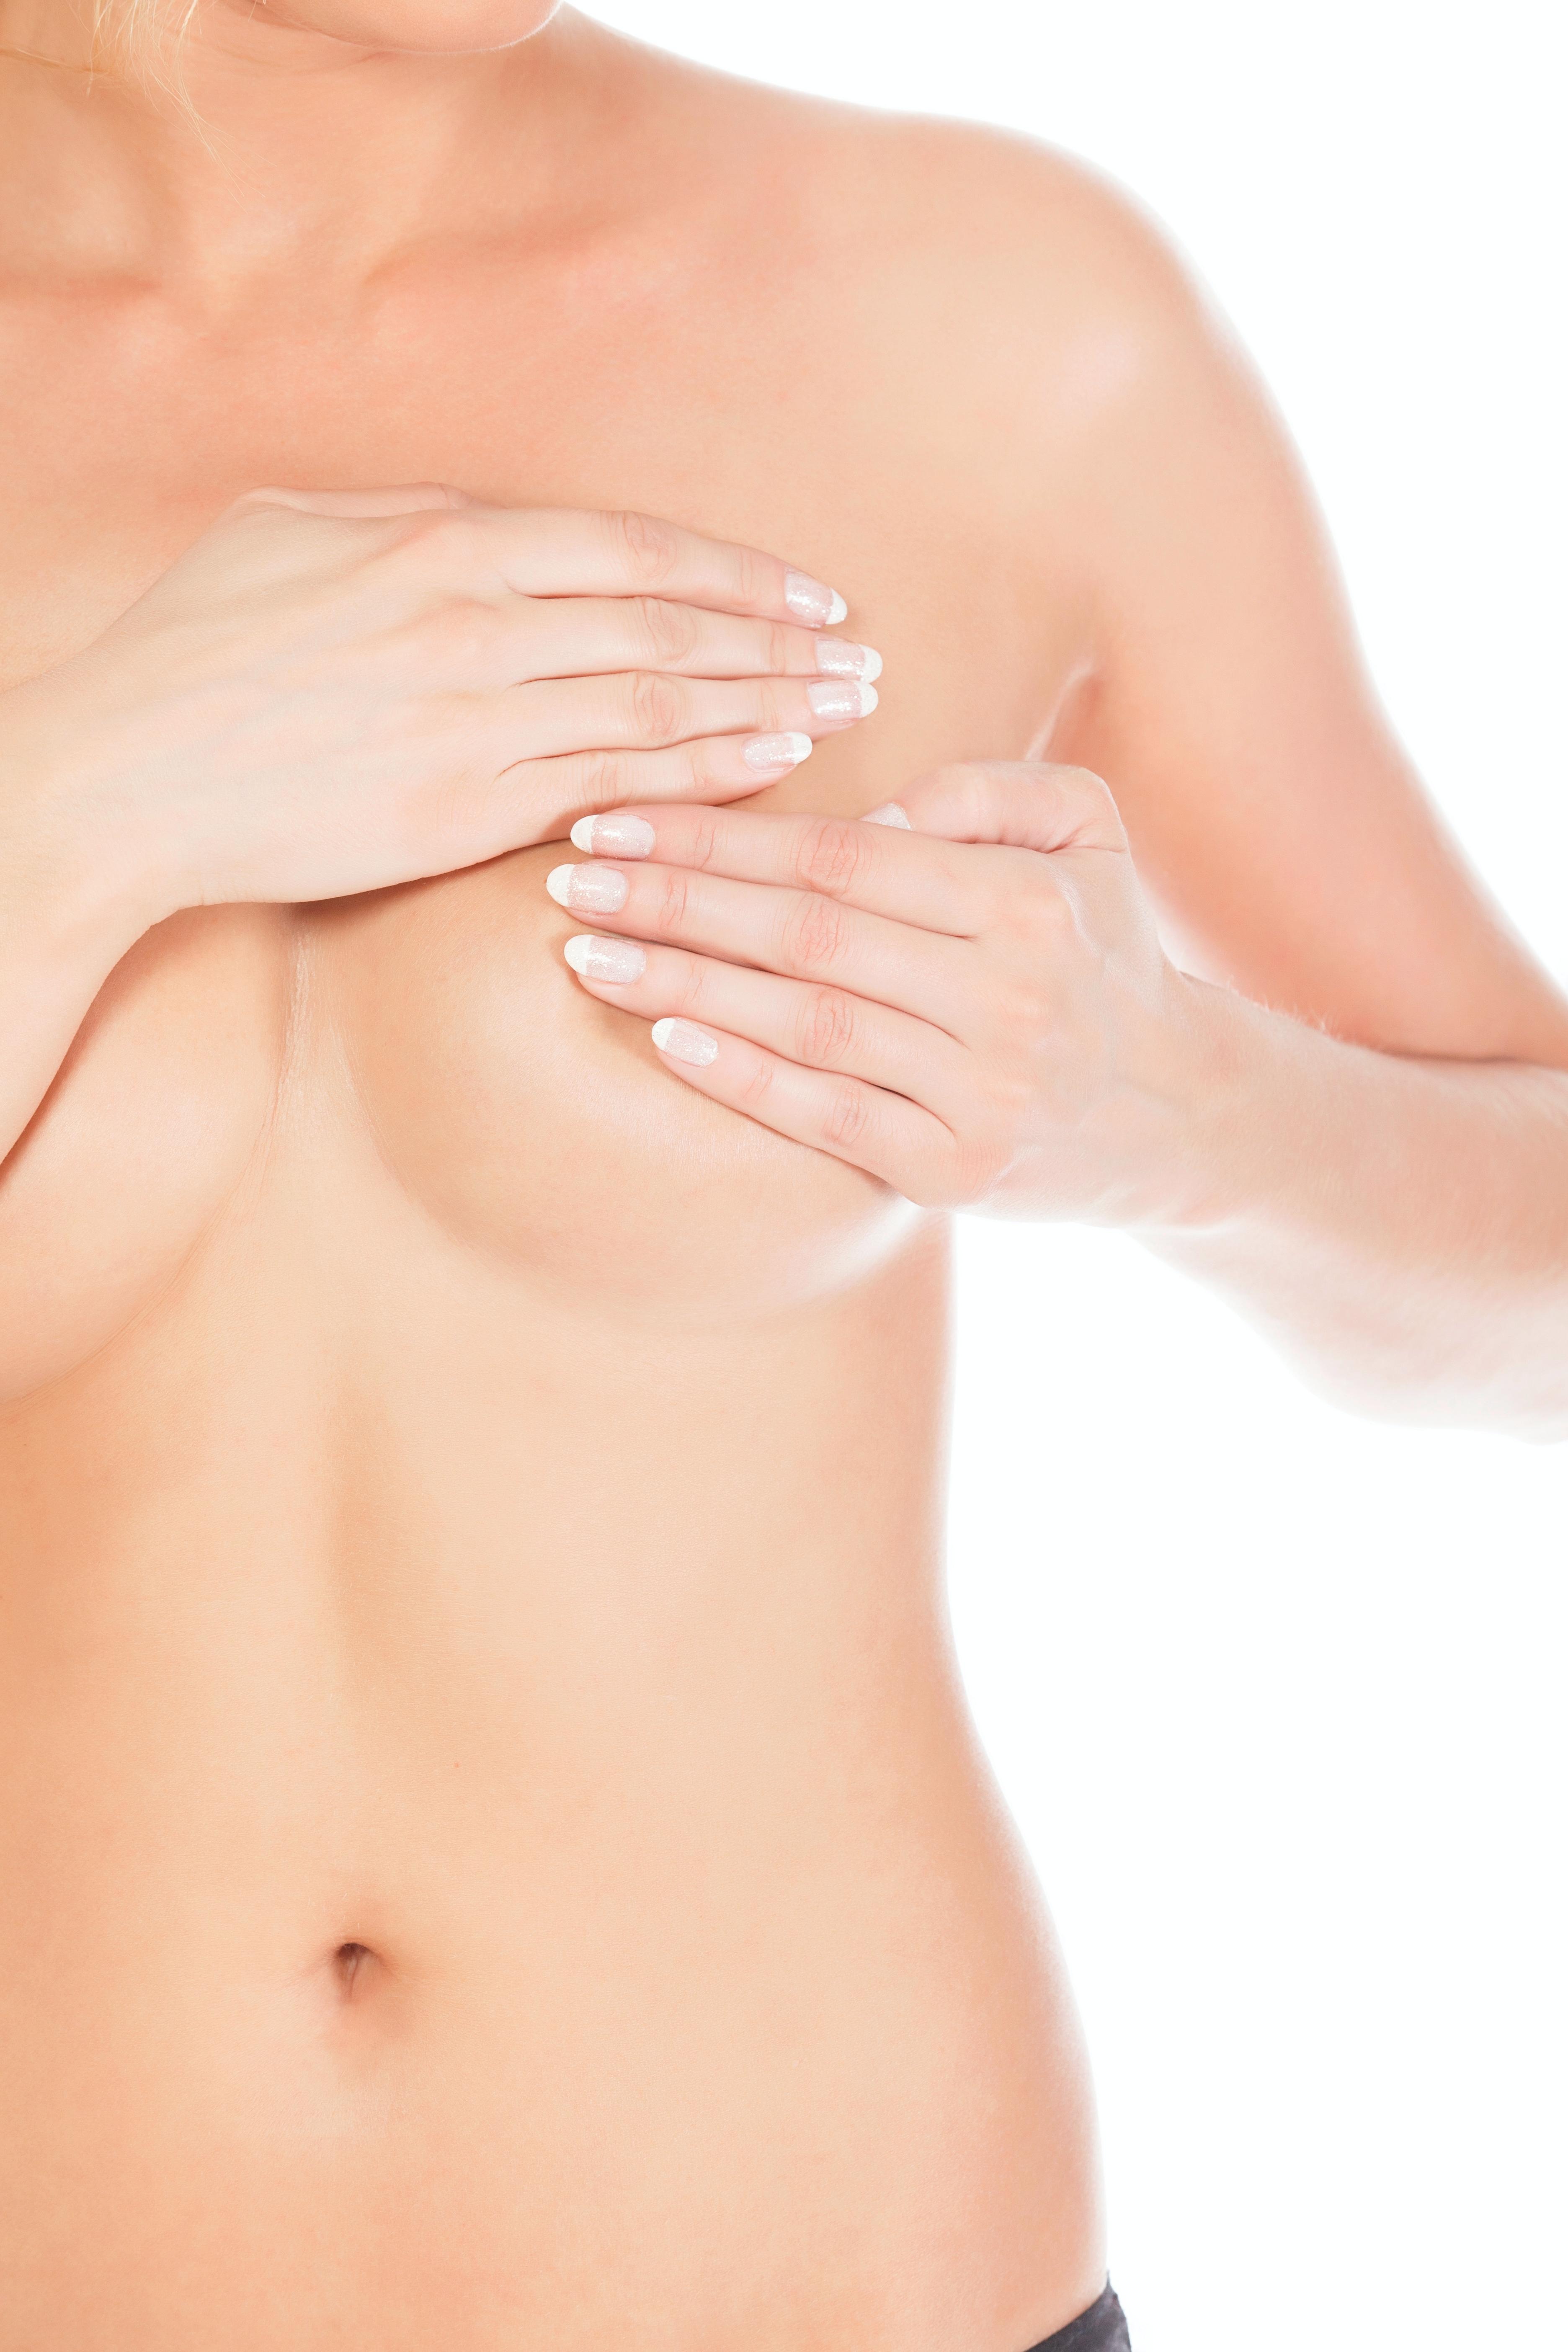 bryster som vokser i voksen alder